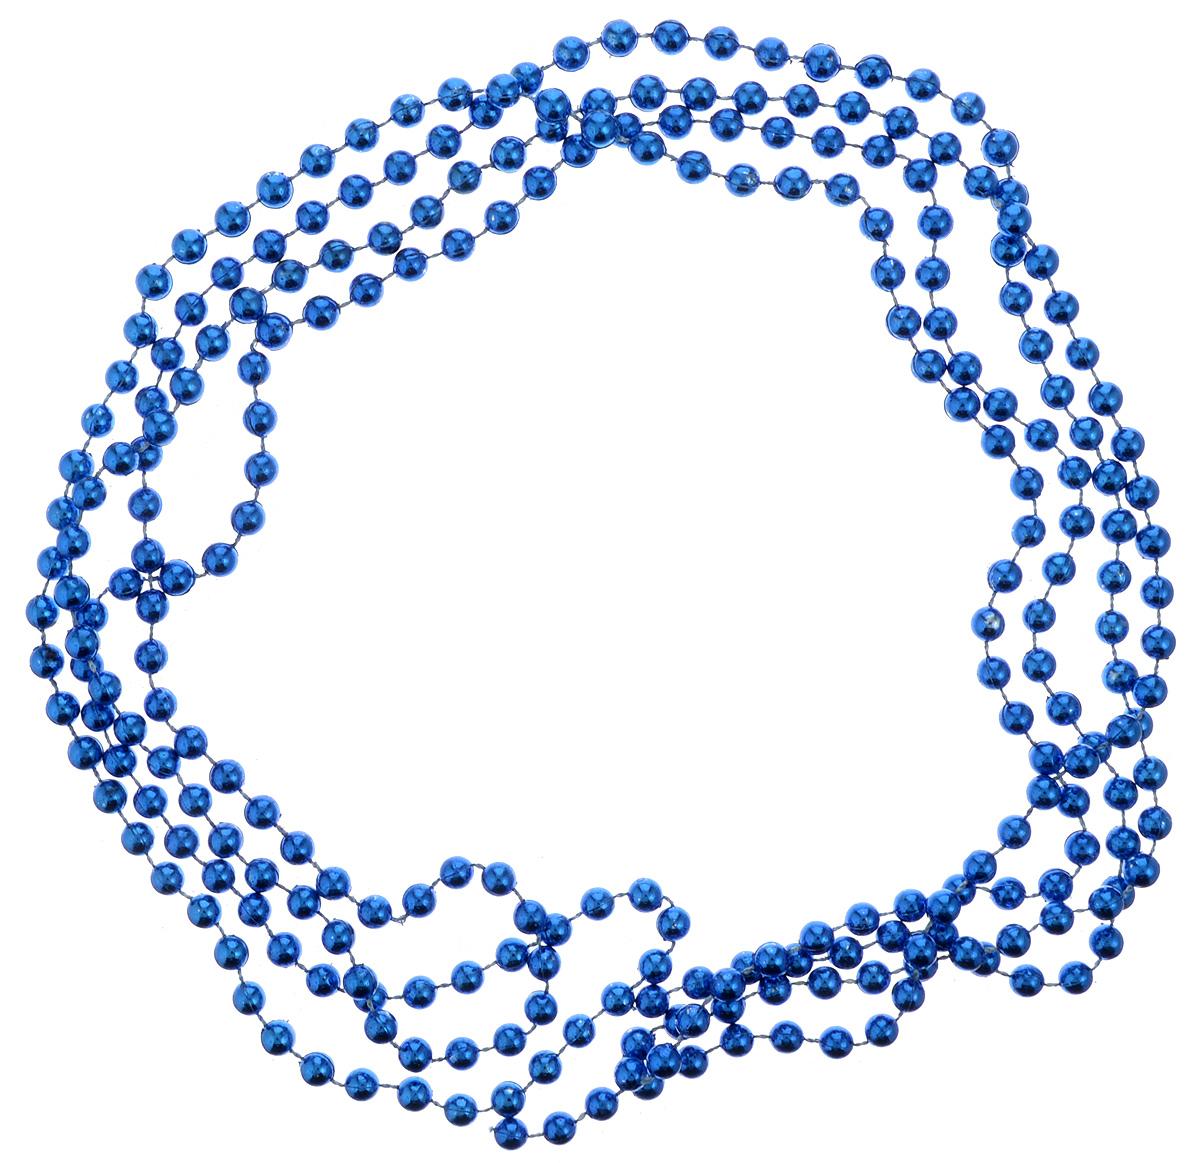 Украшение новогоднее B&H Бусы, цвет: синий, 2,5 мPM-27-6TНовогоднее украшение B&H Бусы, изготовленное из высококачественного пластика, прекрасно подойдет для декора дома или новогодней ели. Такие бусы создадут сказочную атмосферу и подарят ощущение праздника. Откройте для себя удивительный мир сказок. Почувствуйте волшебные минуты ожидания праздника, создайте новогоднее настроение вашим родным и близким.